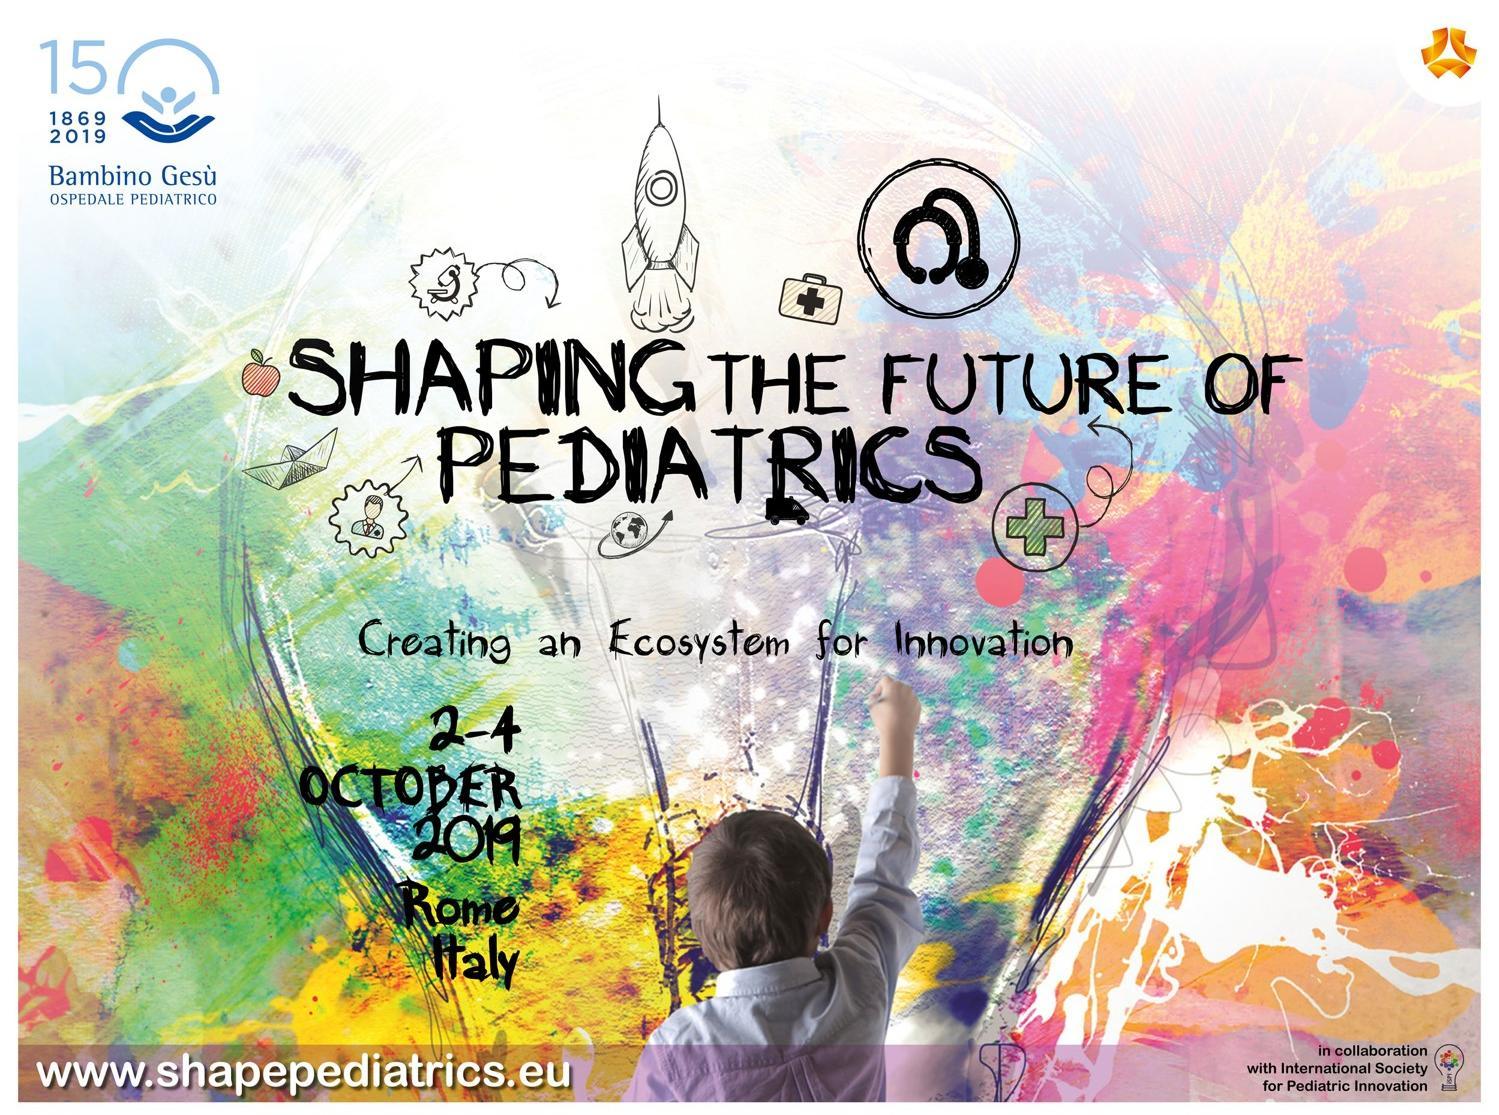 Premio Bambin Gesù innovazione in Pediatria 2019: iscrizioni aperte!